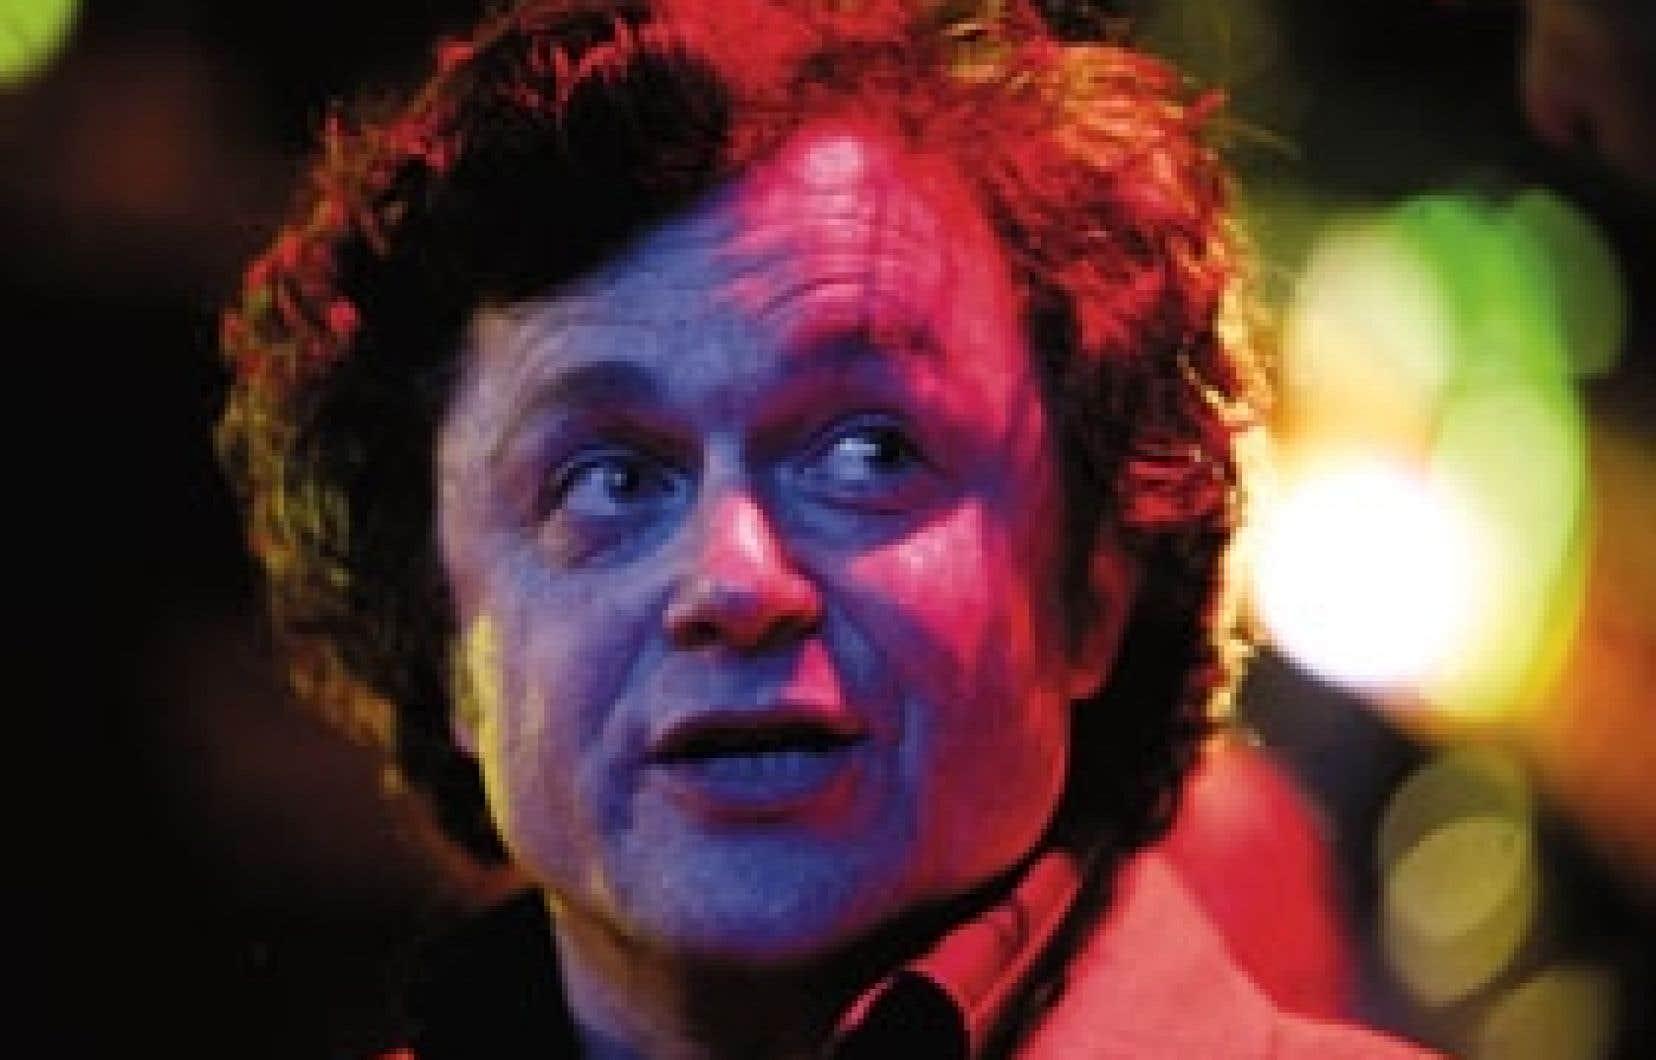 Marc Béland sous les éclairages multicolores de la Soirée des Masques. Le comédien a été choisi interprète de l'année pour son rôle dans la pièce Visage retrouvé, de Wajdi Mouawad, présentée au Théâtre d'Ajourd'hui.